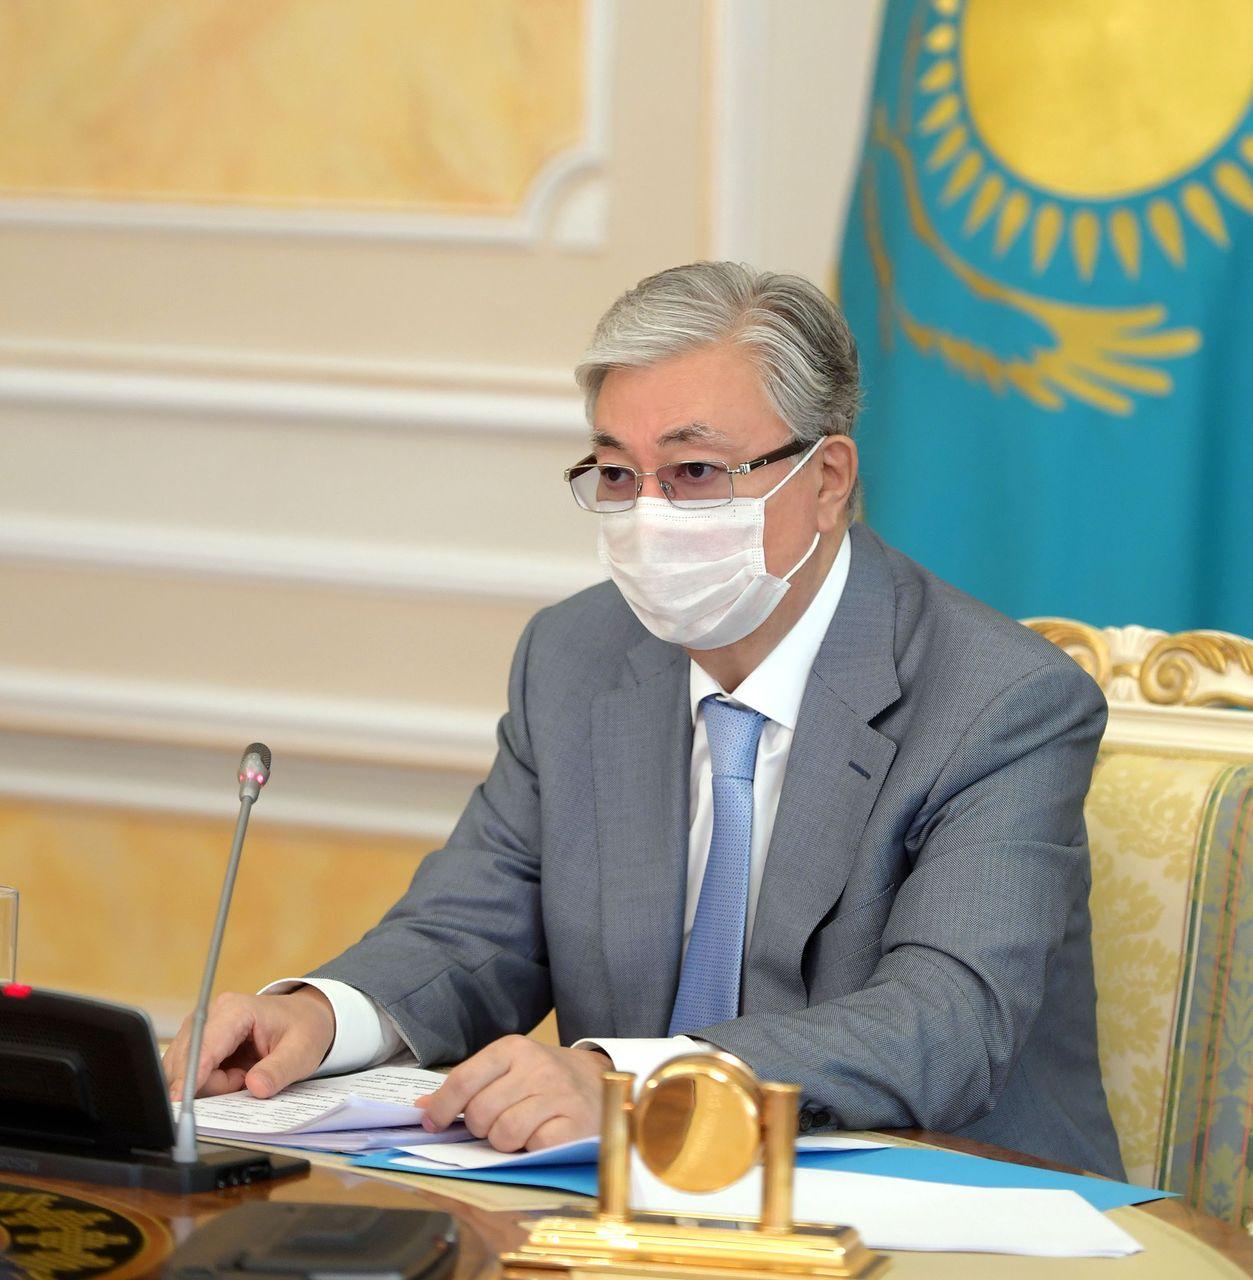 Мемлекет басшысы Қасым-Жомарт Тоқаевтың Үкіметтің кеңейтілген отырысында сөйлеген сөзі